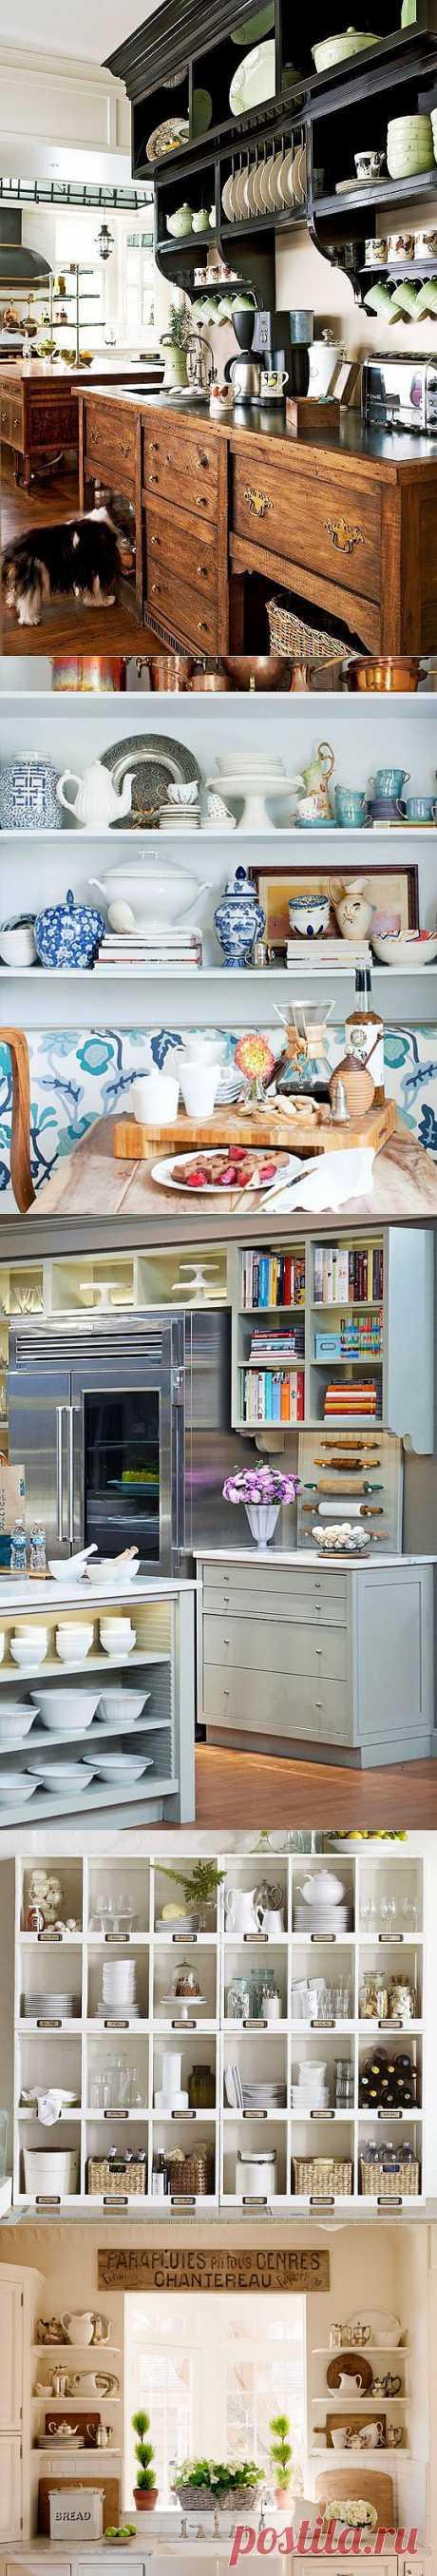 Такие разные, но милые: открытые полки на кухне